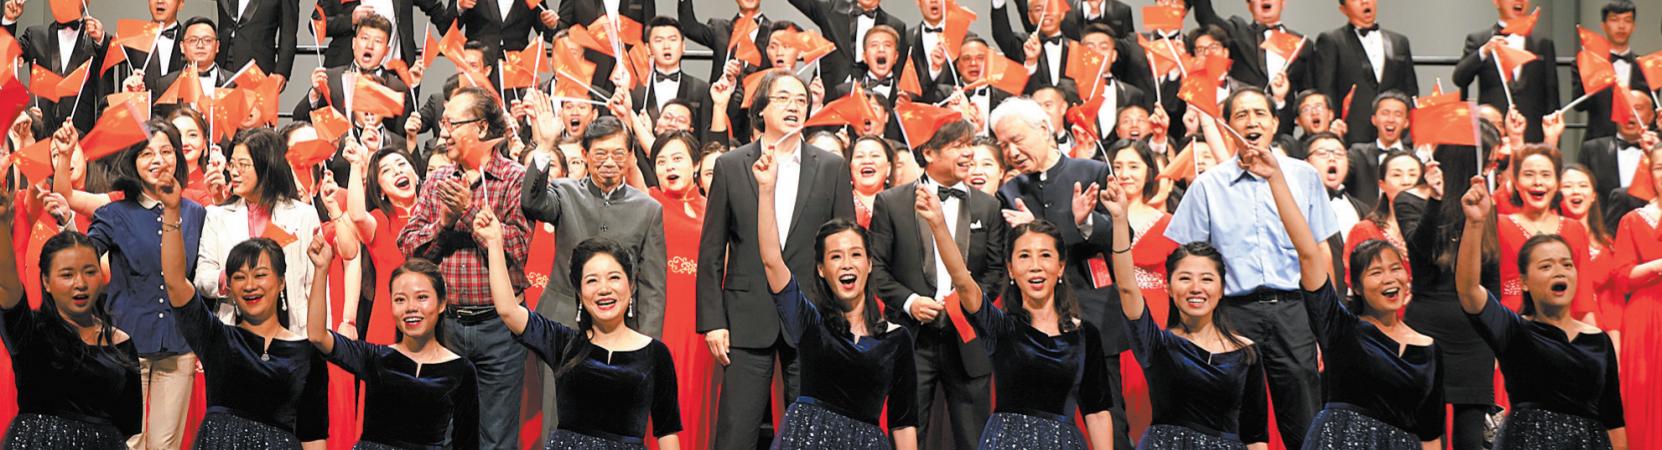 礼赞新中国成立70周年 助力创建国家公共文化服务体系示范区